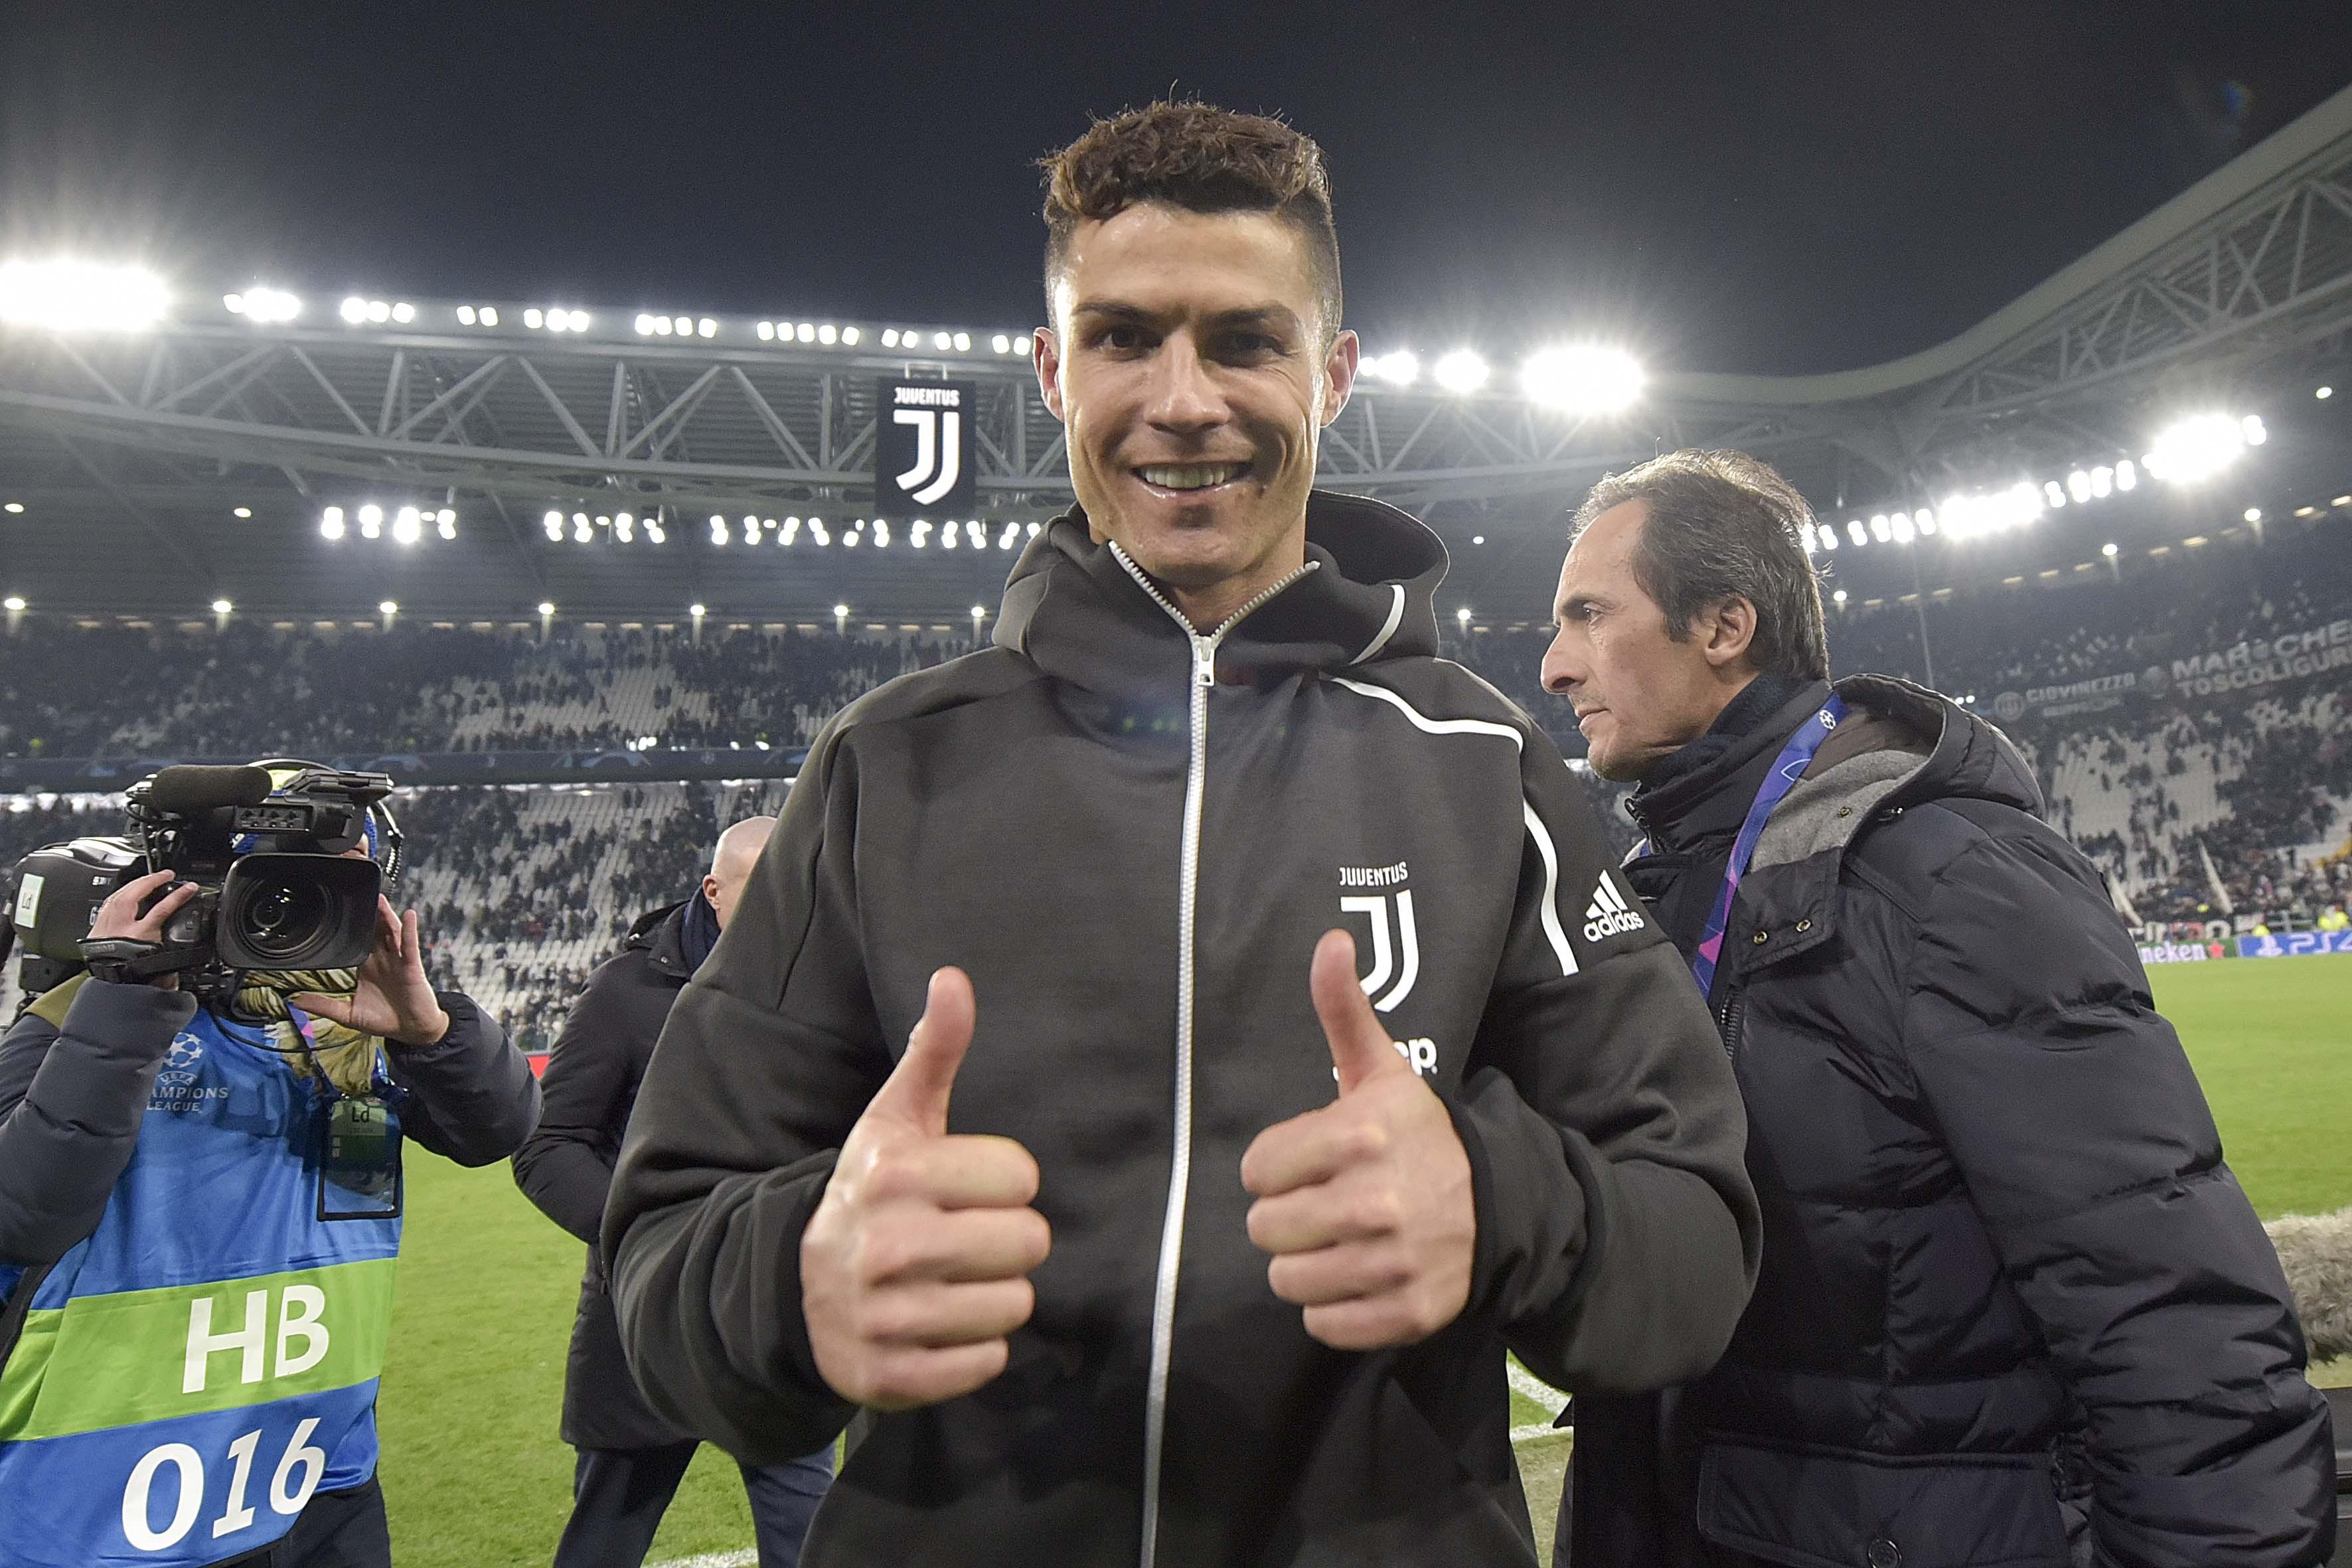 Cristiano Ronaldo após a heroica classificação da Juventus sobre o Atlético de Madrid na Liga dos Campeões da Europa; O robozão anotou mais um hat-trick em sua carreira e fez história (novamente) (Foto: Foto: Getty Images)